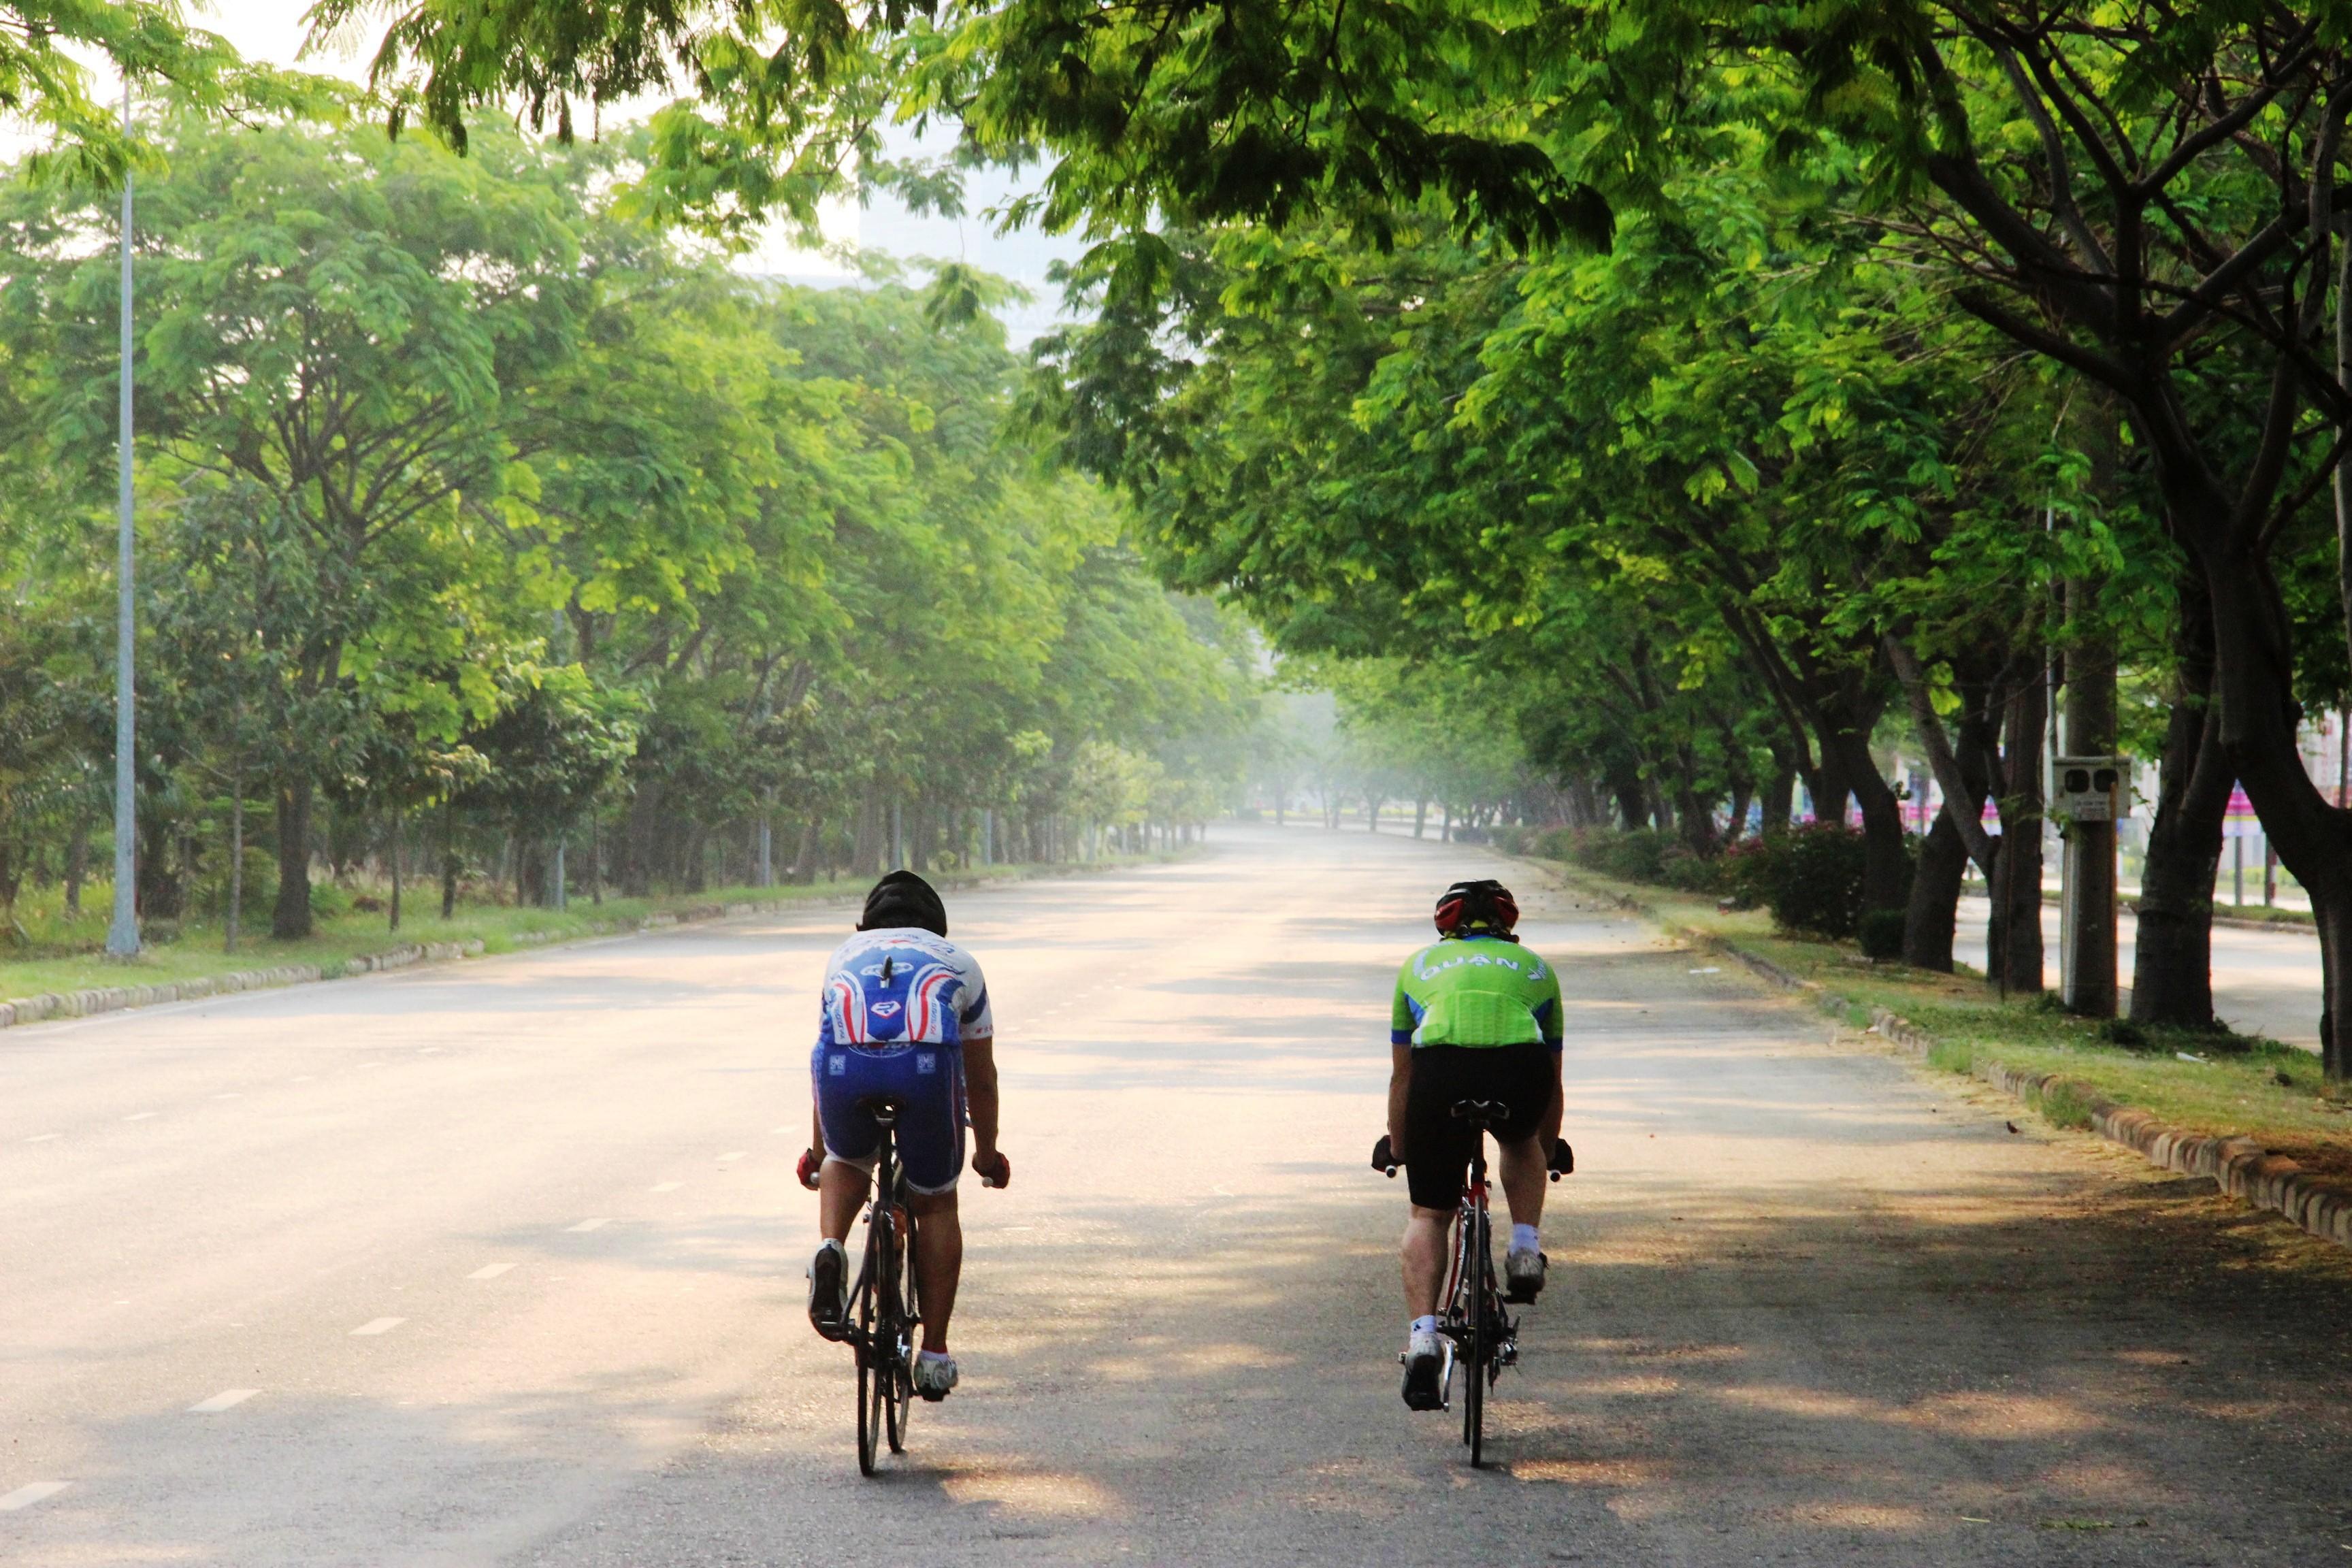 Family Biking in Phu My Hung, Ho Chi Minh city